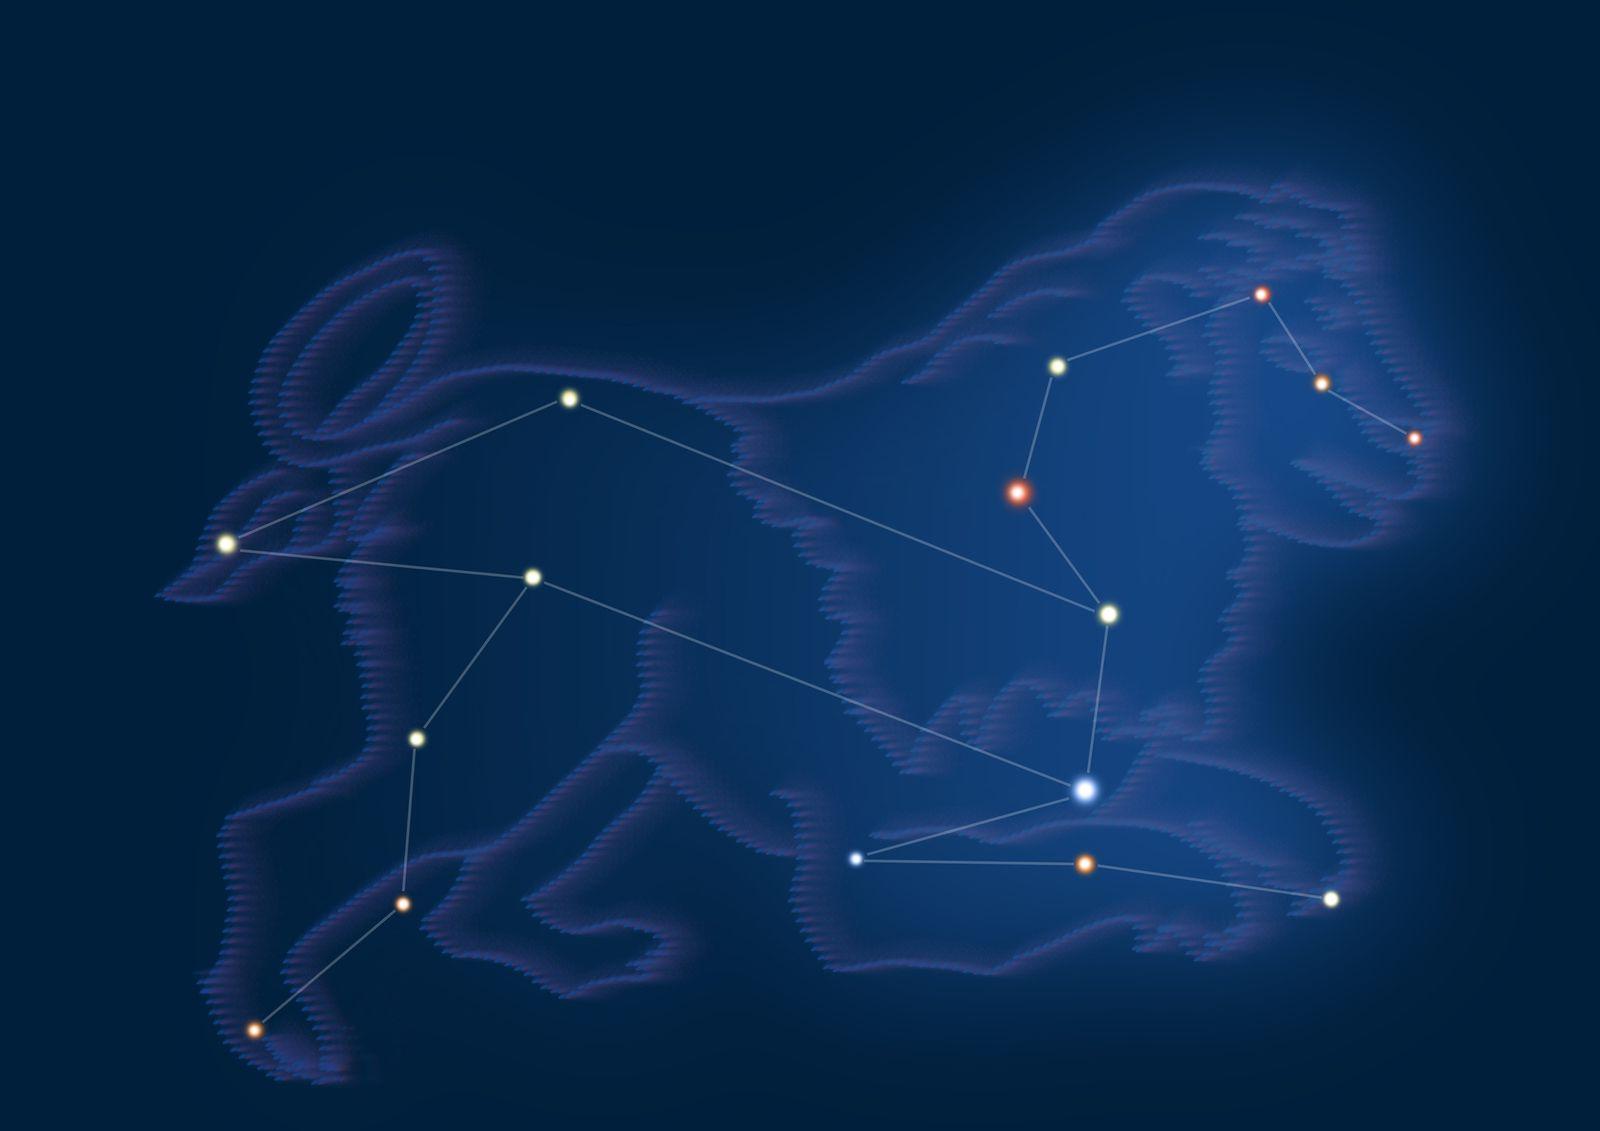 春に見えるのは「しし座」見ての通り獅子の形をしています。それにしても星座を見ていると昔の人の想像力に圧巻ですよね。